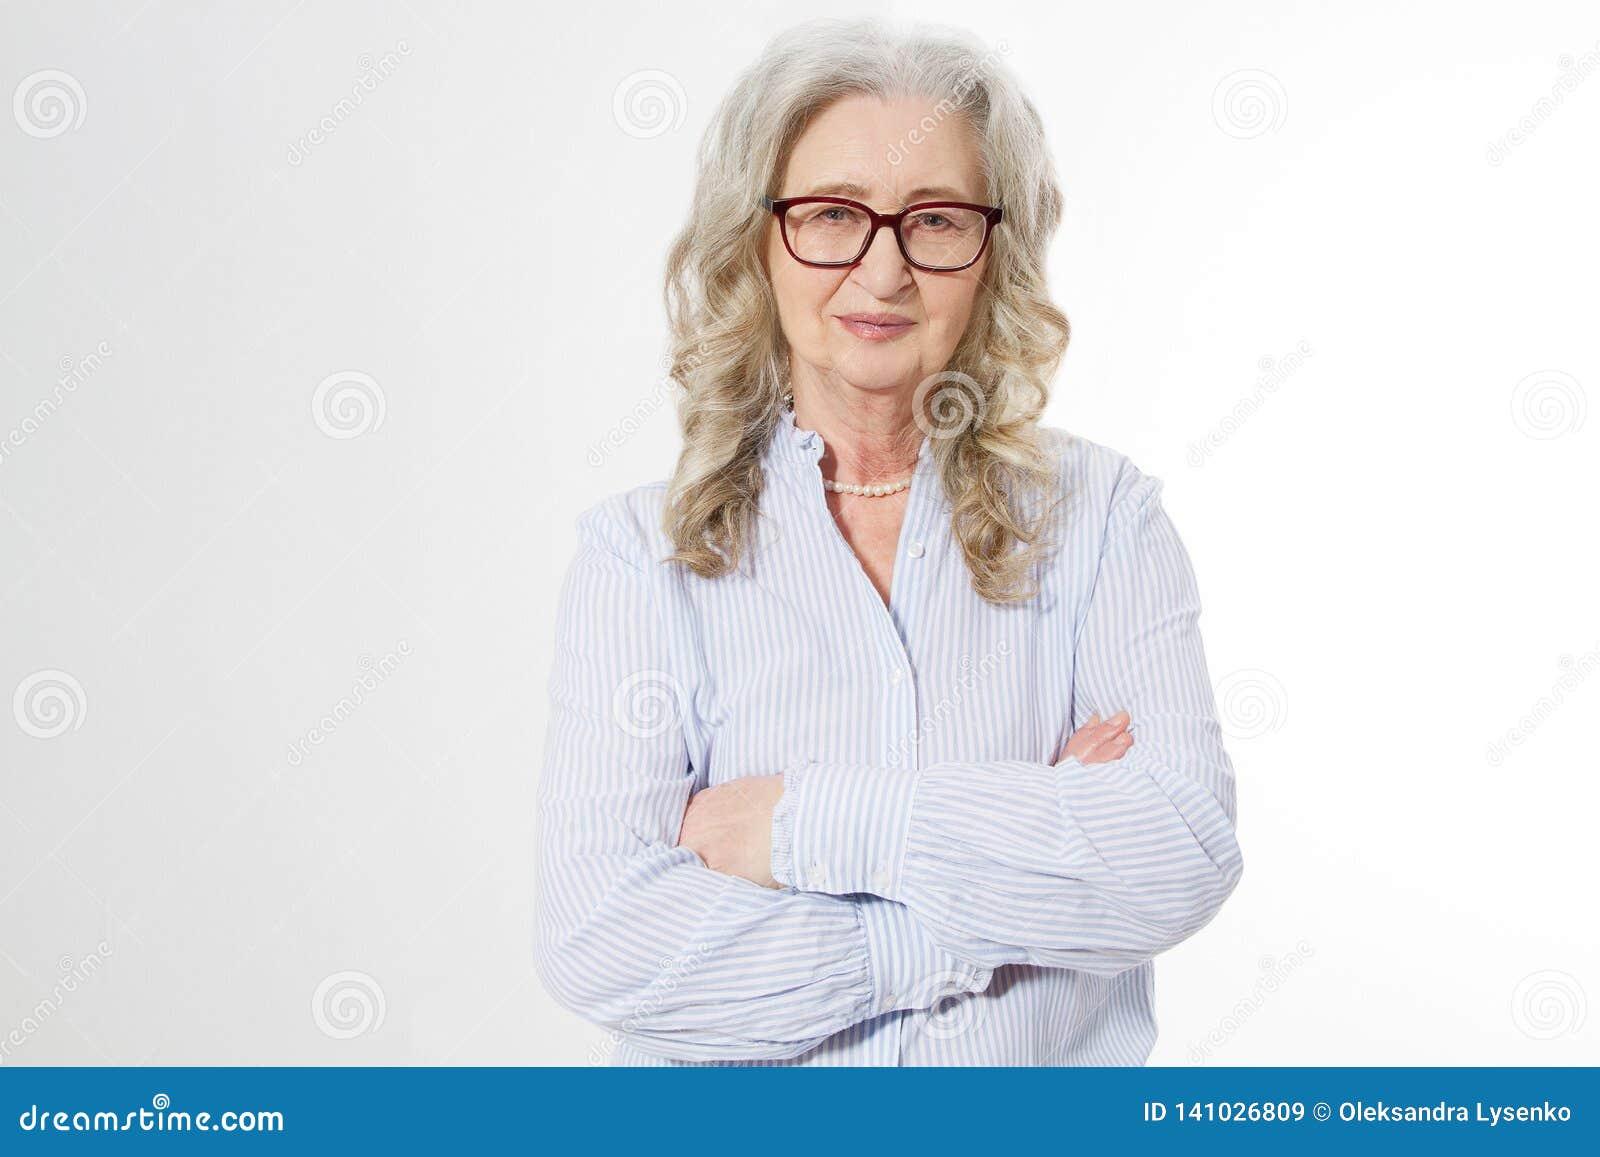 Ανώτερη επιχειρησιακή γυναίκα με τα μοντέρνα γυαλιά και το πρόσωπο ρυτίδων που απομονώνεται στο άσπρο υπόβαθρο Ώριμη υγιής κυρία